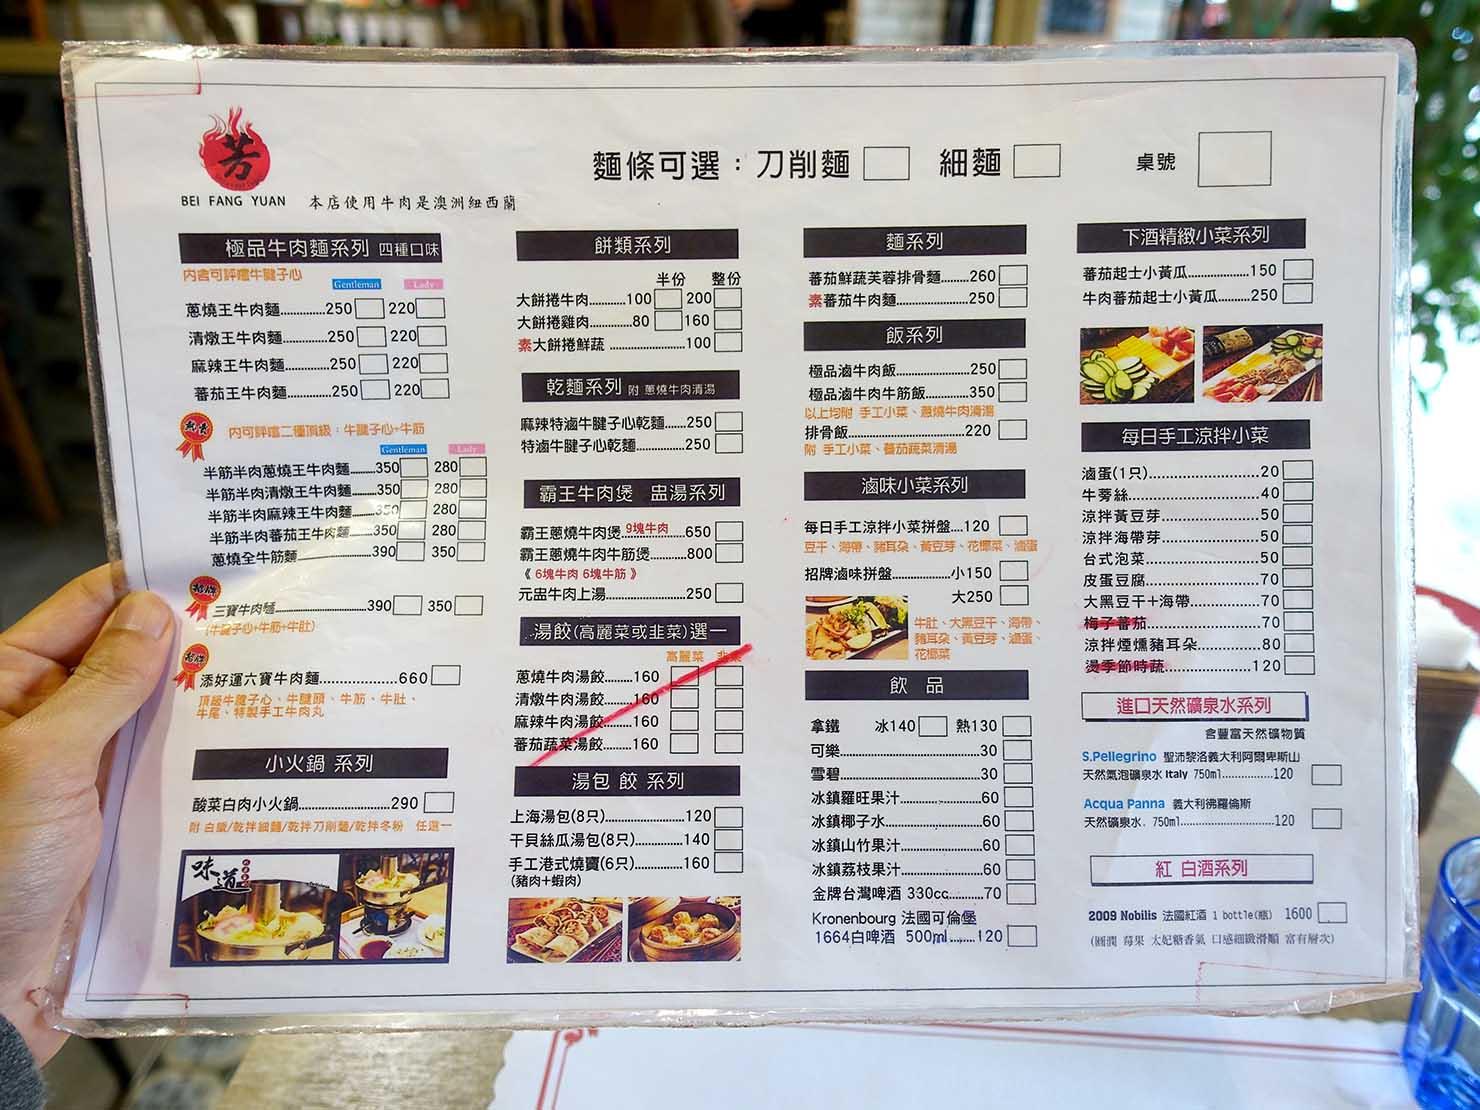 台北の有名牛肉麵店「北芳園」のメニュー